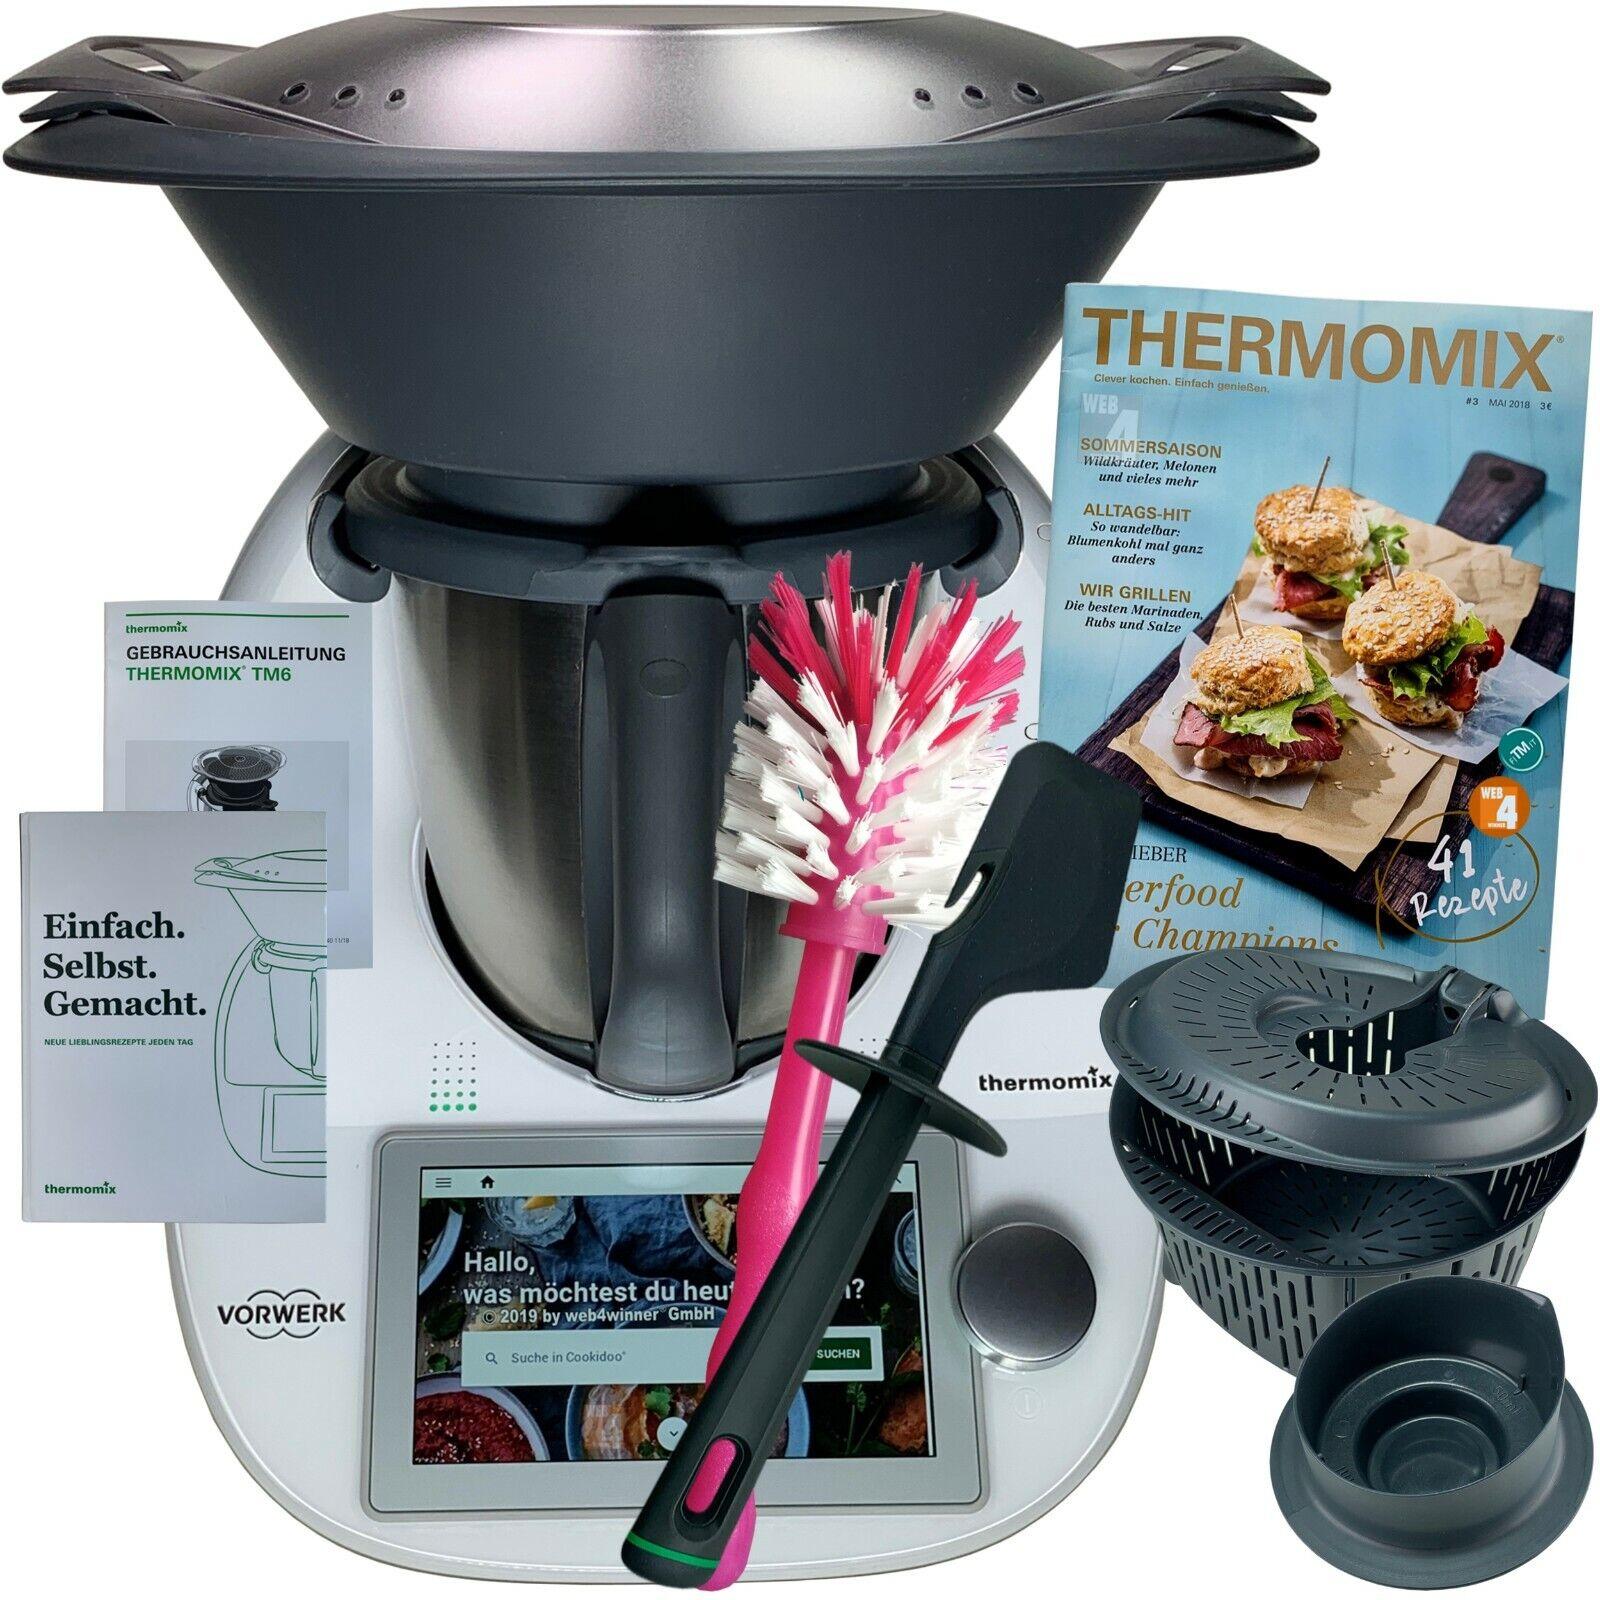 Vorwerk Thermomix TM6 *COOKIDOO®* Zubehör Kochbuch Bürste NEU OVP TM 6 WLAN sk24